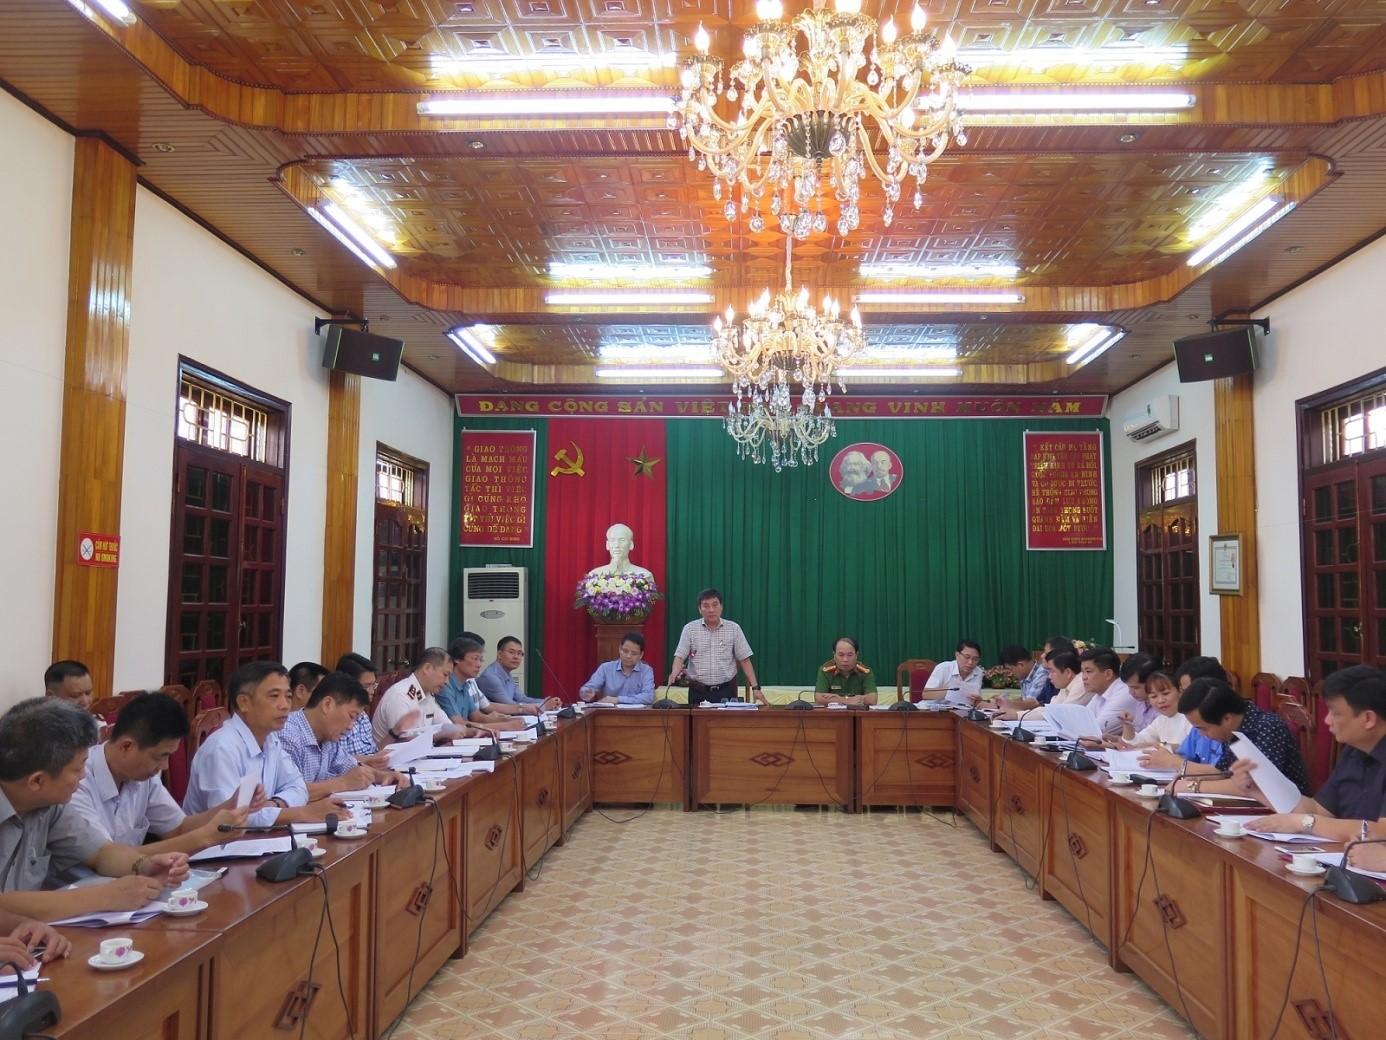 Làm việc với Sở GTVT tỉnh Yên Bái về công tác quản lý nhà nước lĩnh vực giao thông đường thủy nội địa trên địa bàn tỉnh.